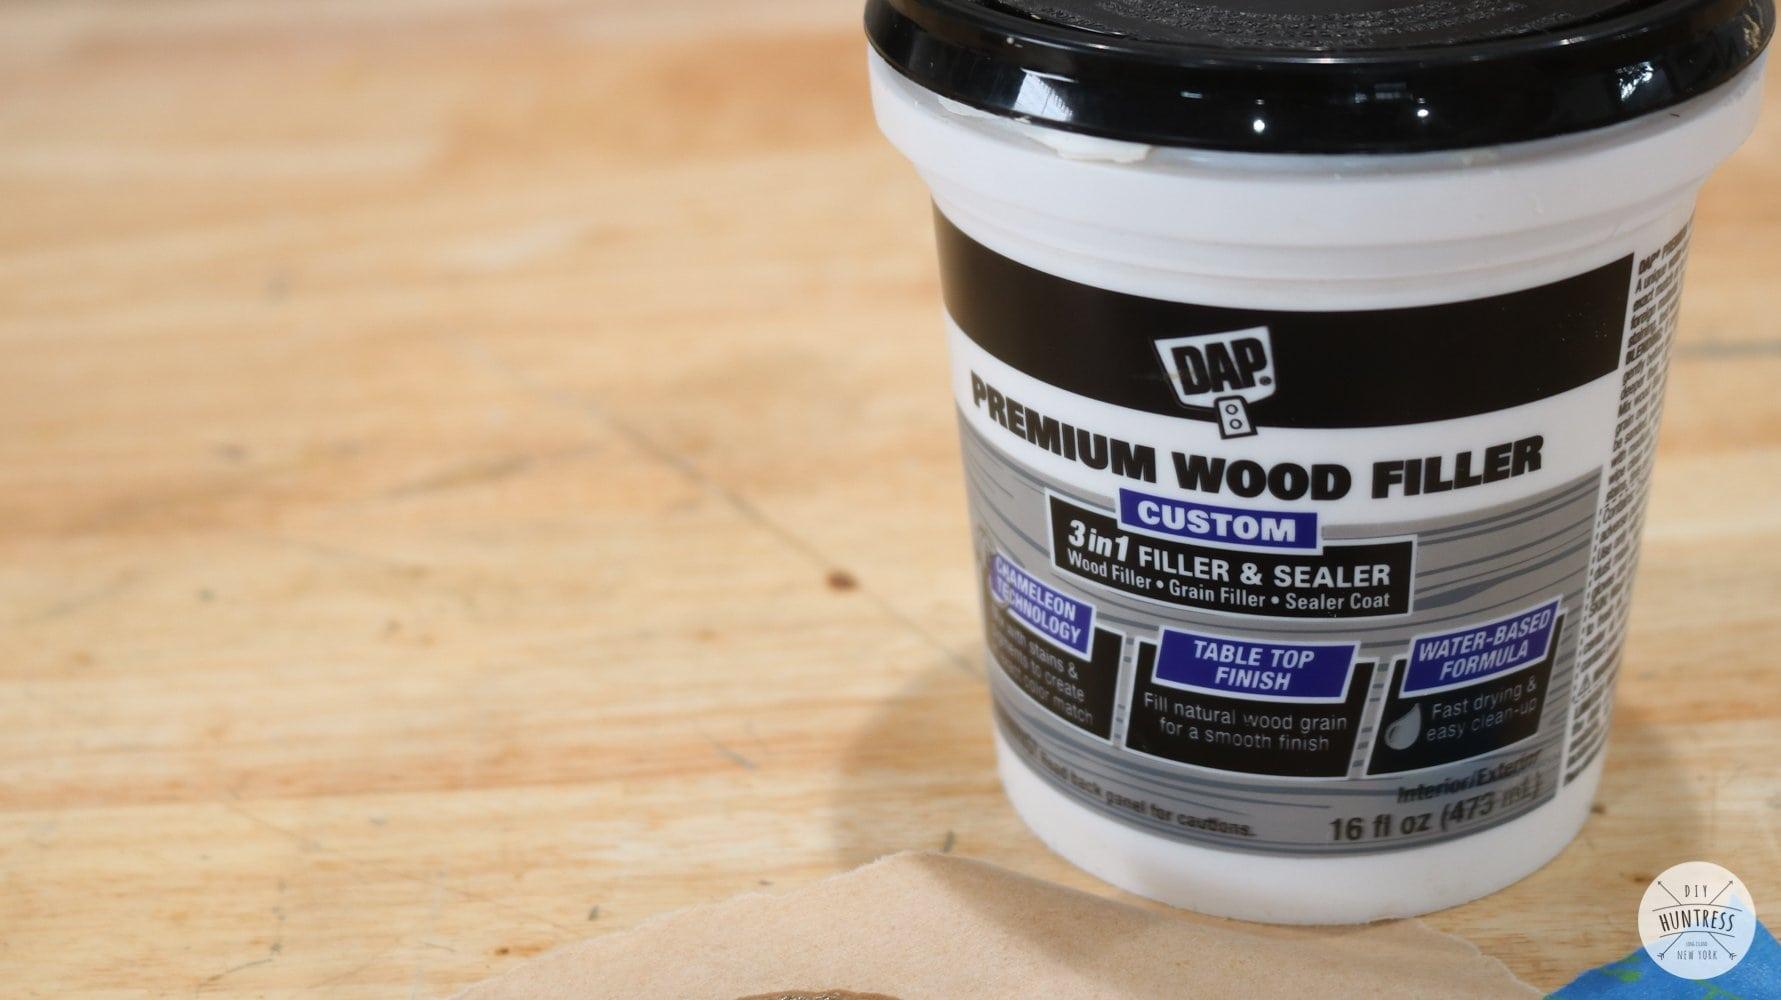 dap premium wood finish